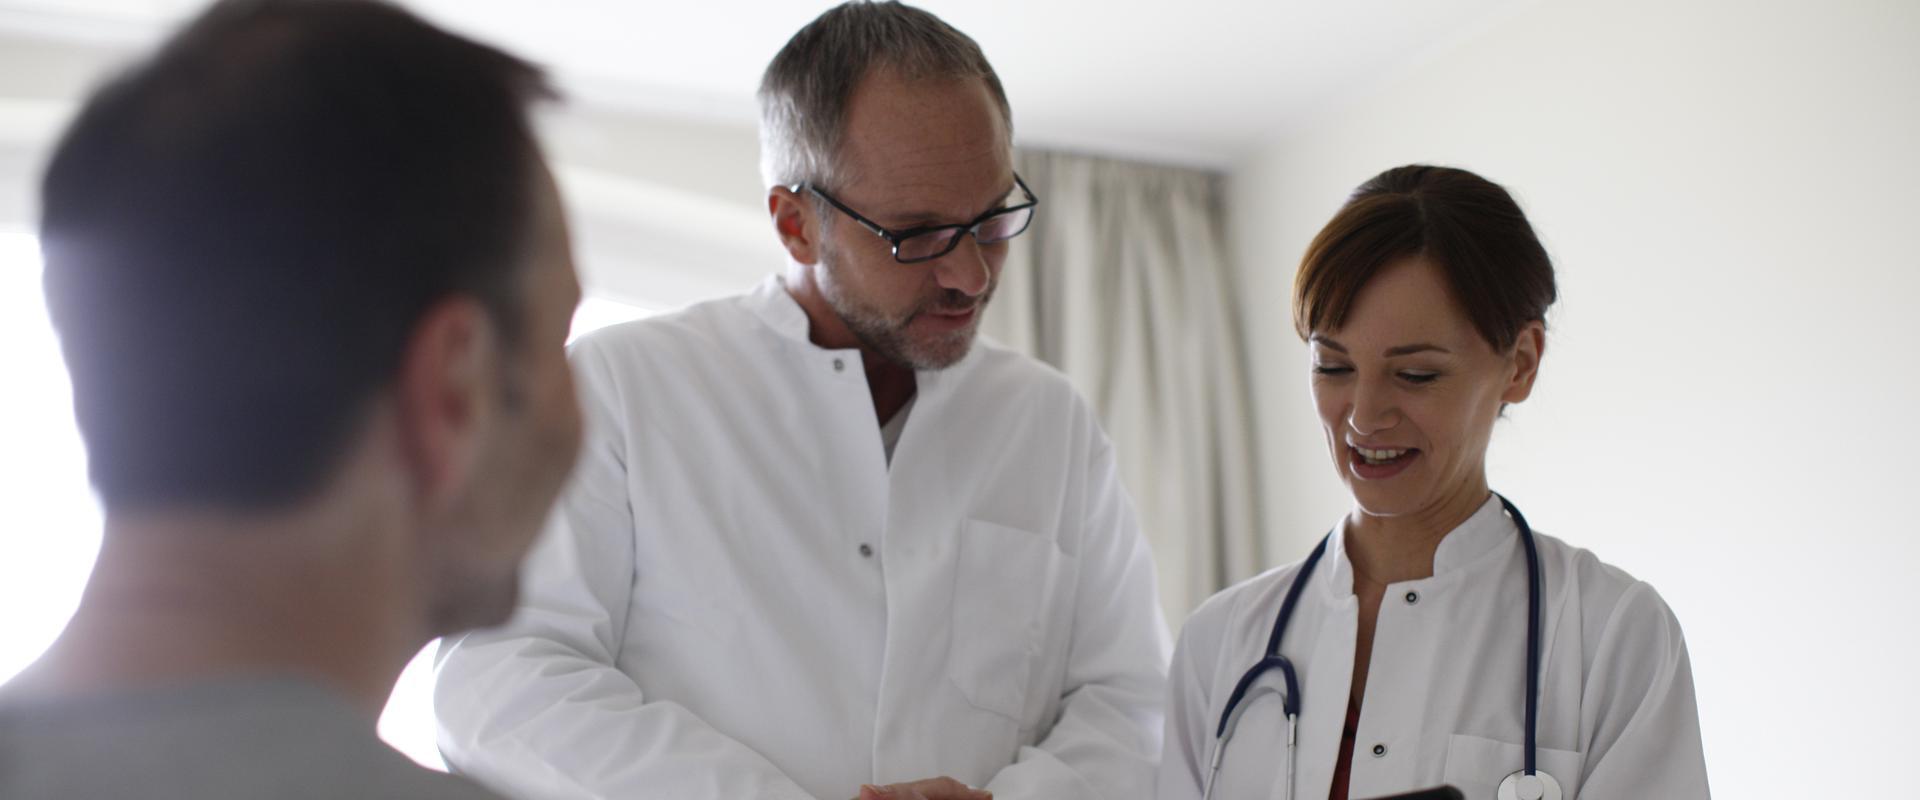 Ärzte der MEDIAN Buchberg-Klinik Bad Tölz